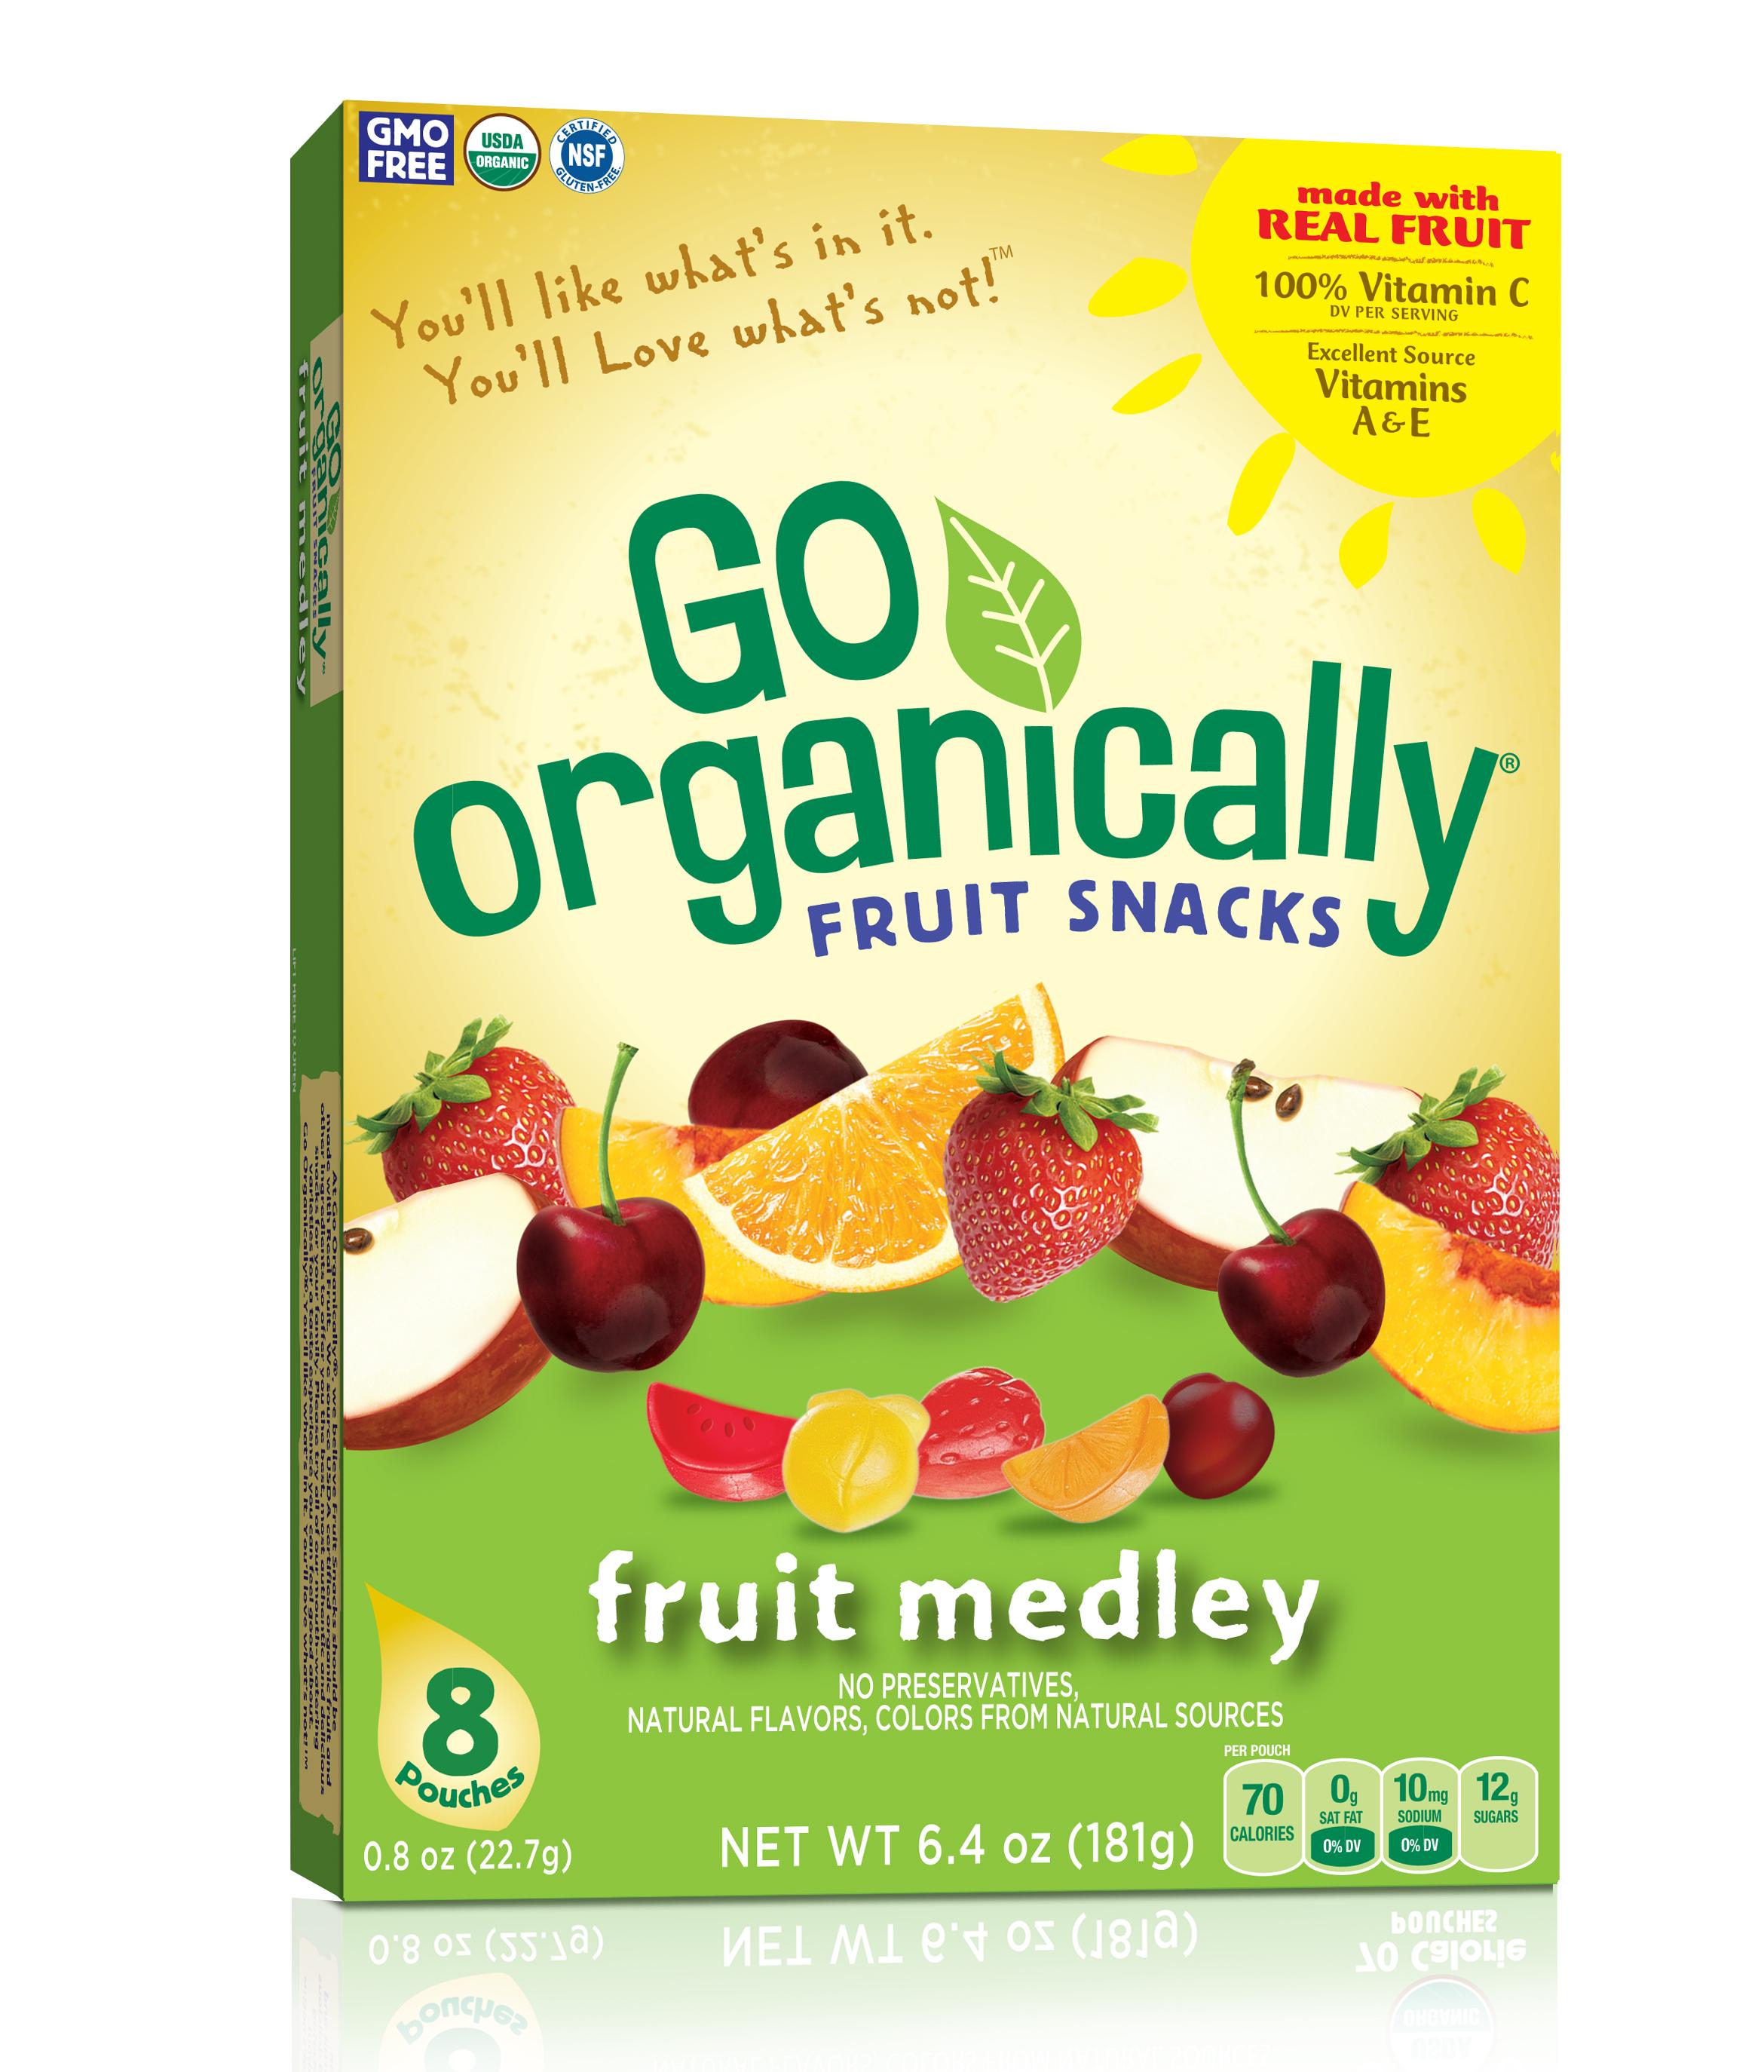 Farmer's Choice Food Brands Introduces Go Organically Fruit Snacks